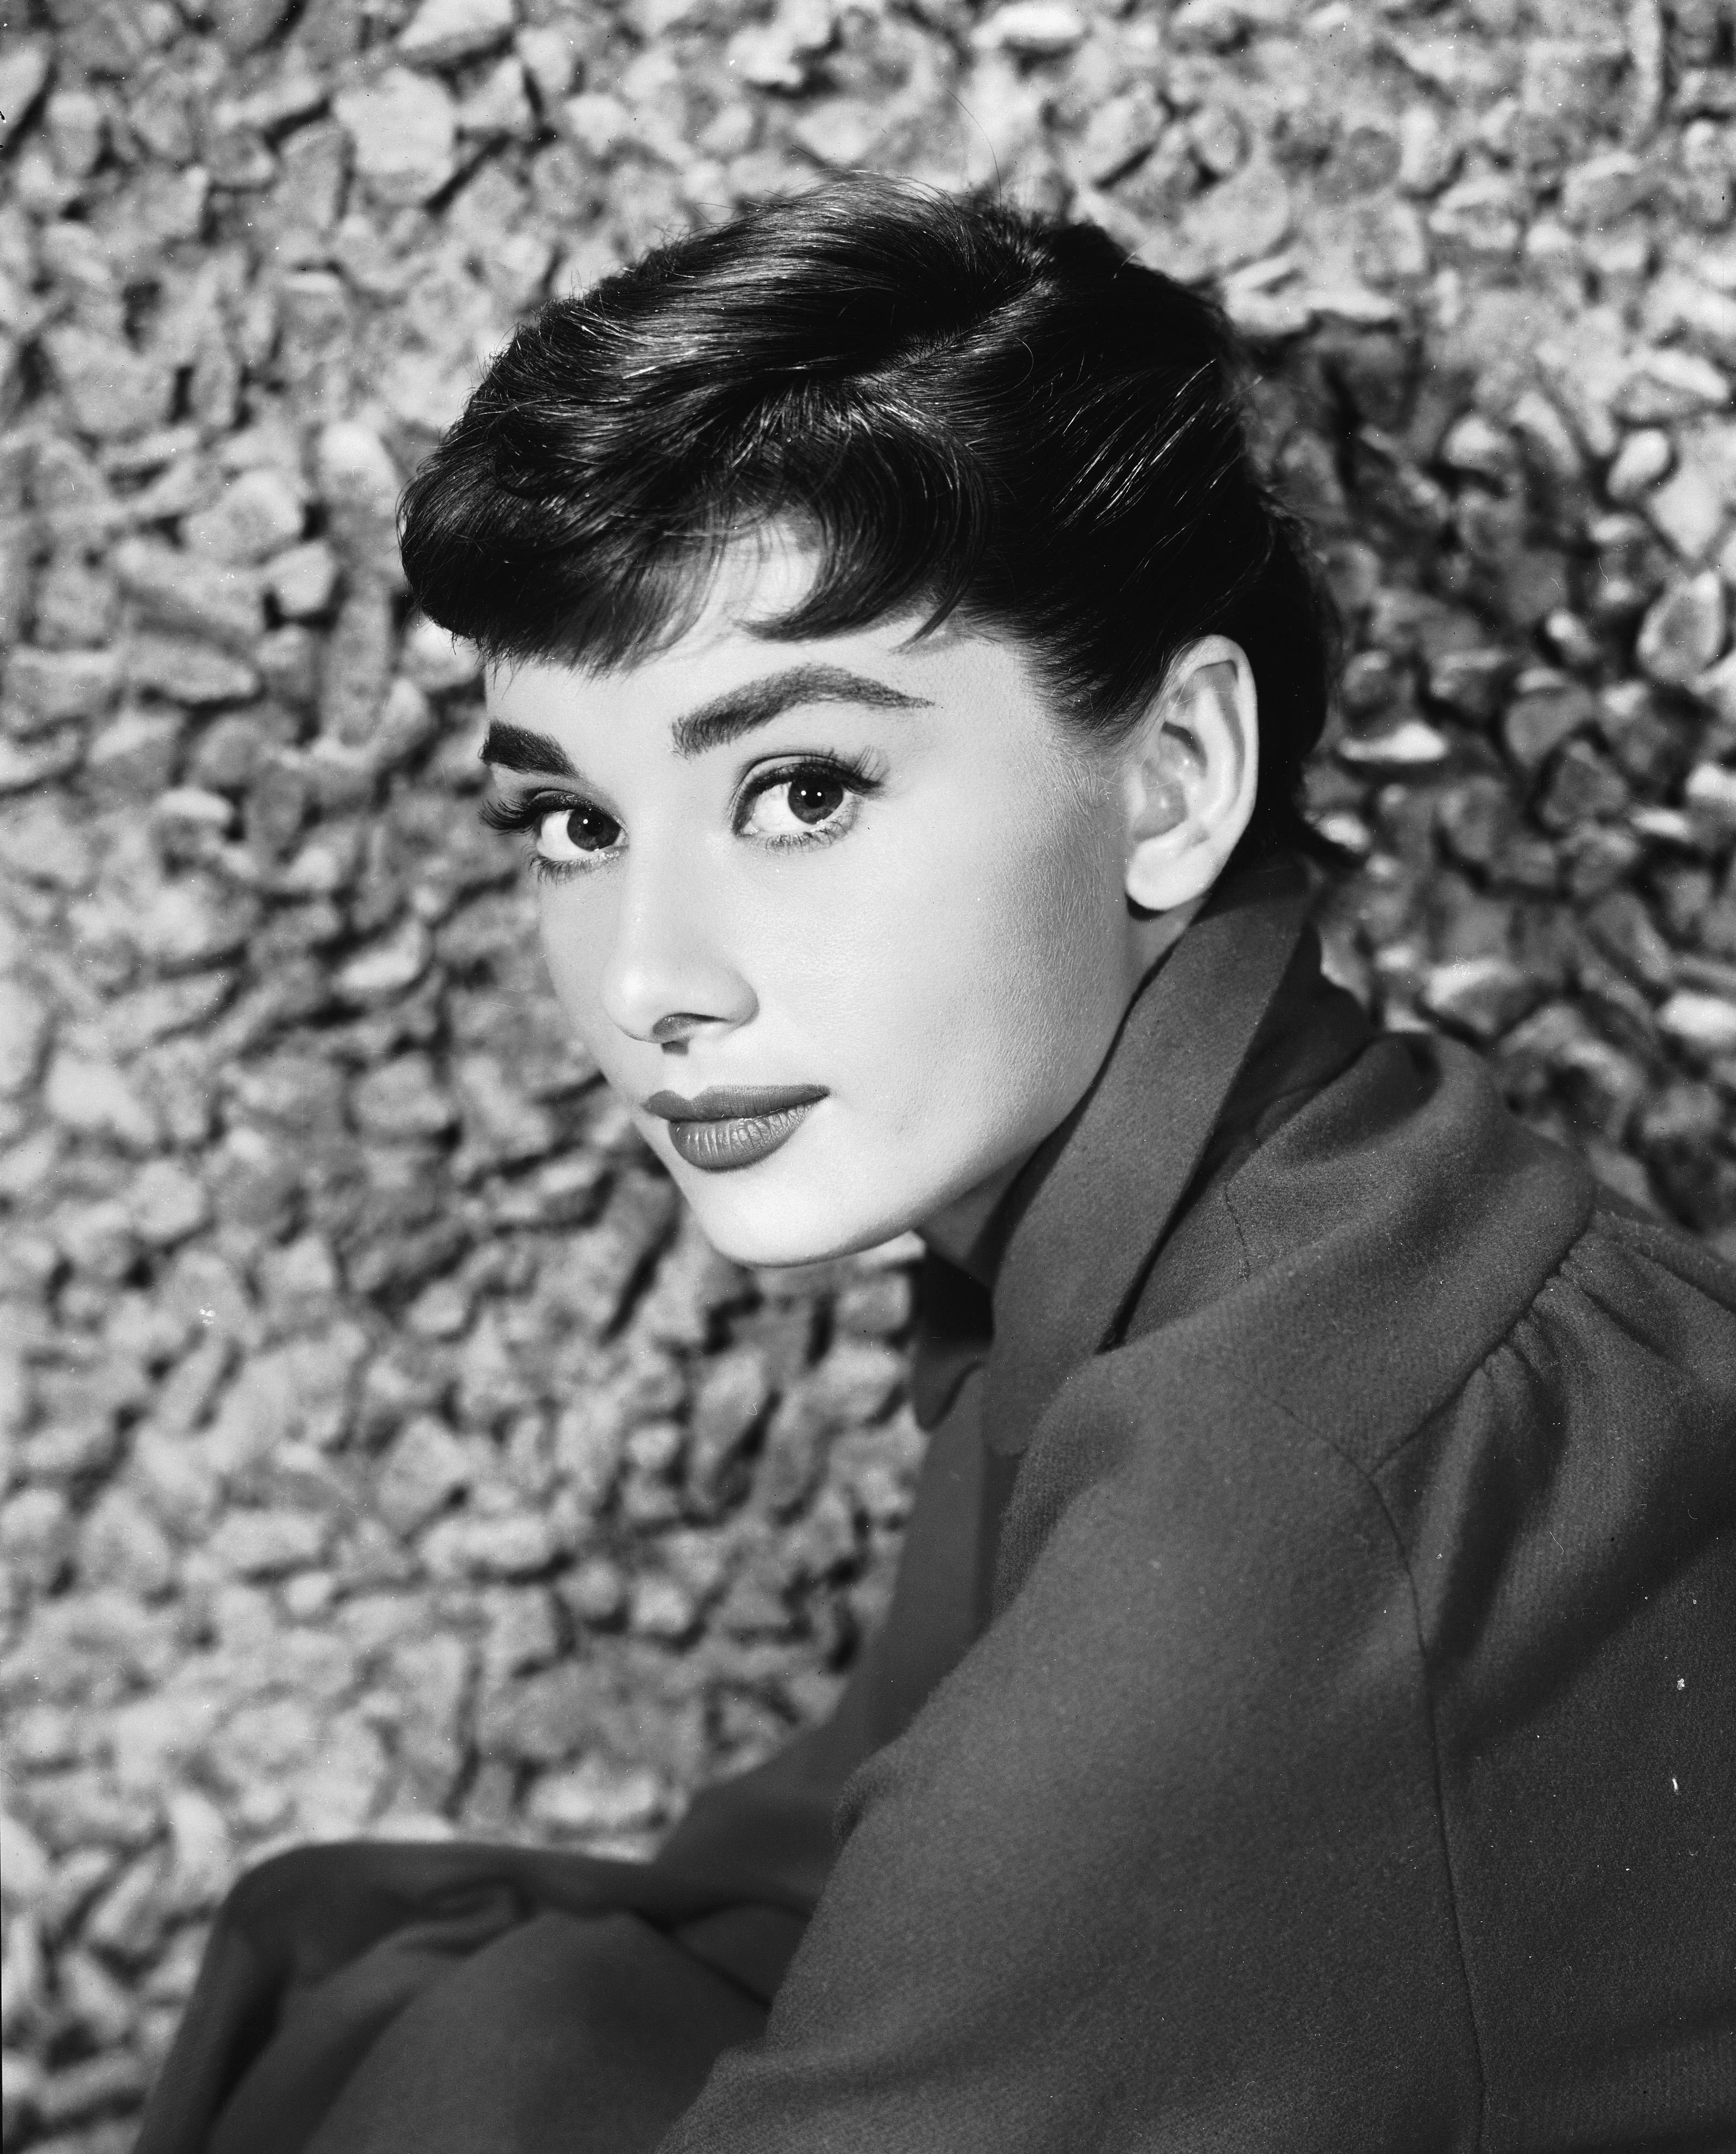 """Тя блести във филми като """"Ваканция в Рим"""", """"Закуска в Тифани"""" и """"Моята прекрасна лейди"""". Великолепна, изискана, класна, истински пример за подражание – наскоро стана ясно, че Одри Хепбърн е избрана за абсолютна икона на красотата, след като допитване показа, че съвременните дами черпят вдъхновение основно от красавиците от близкото минало."""